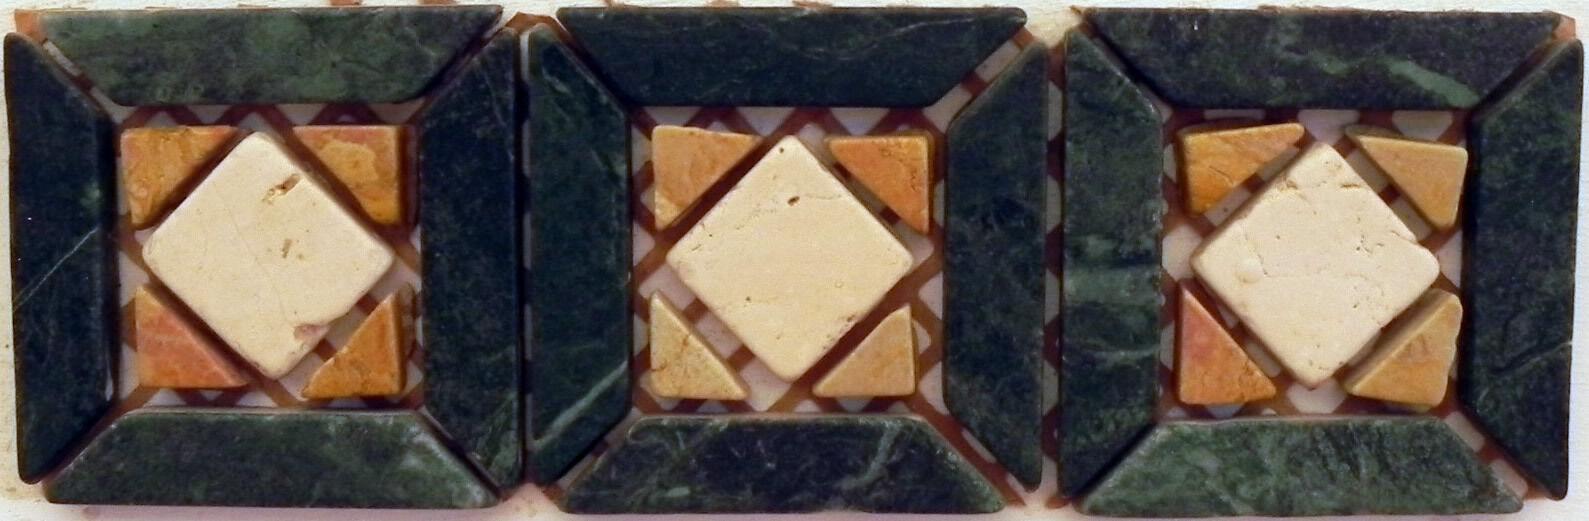 Rosone mosaici in marmo incollati su rete rete rete greca30x10 art116 verdeIN MARMO 86fc2e